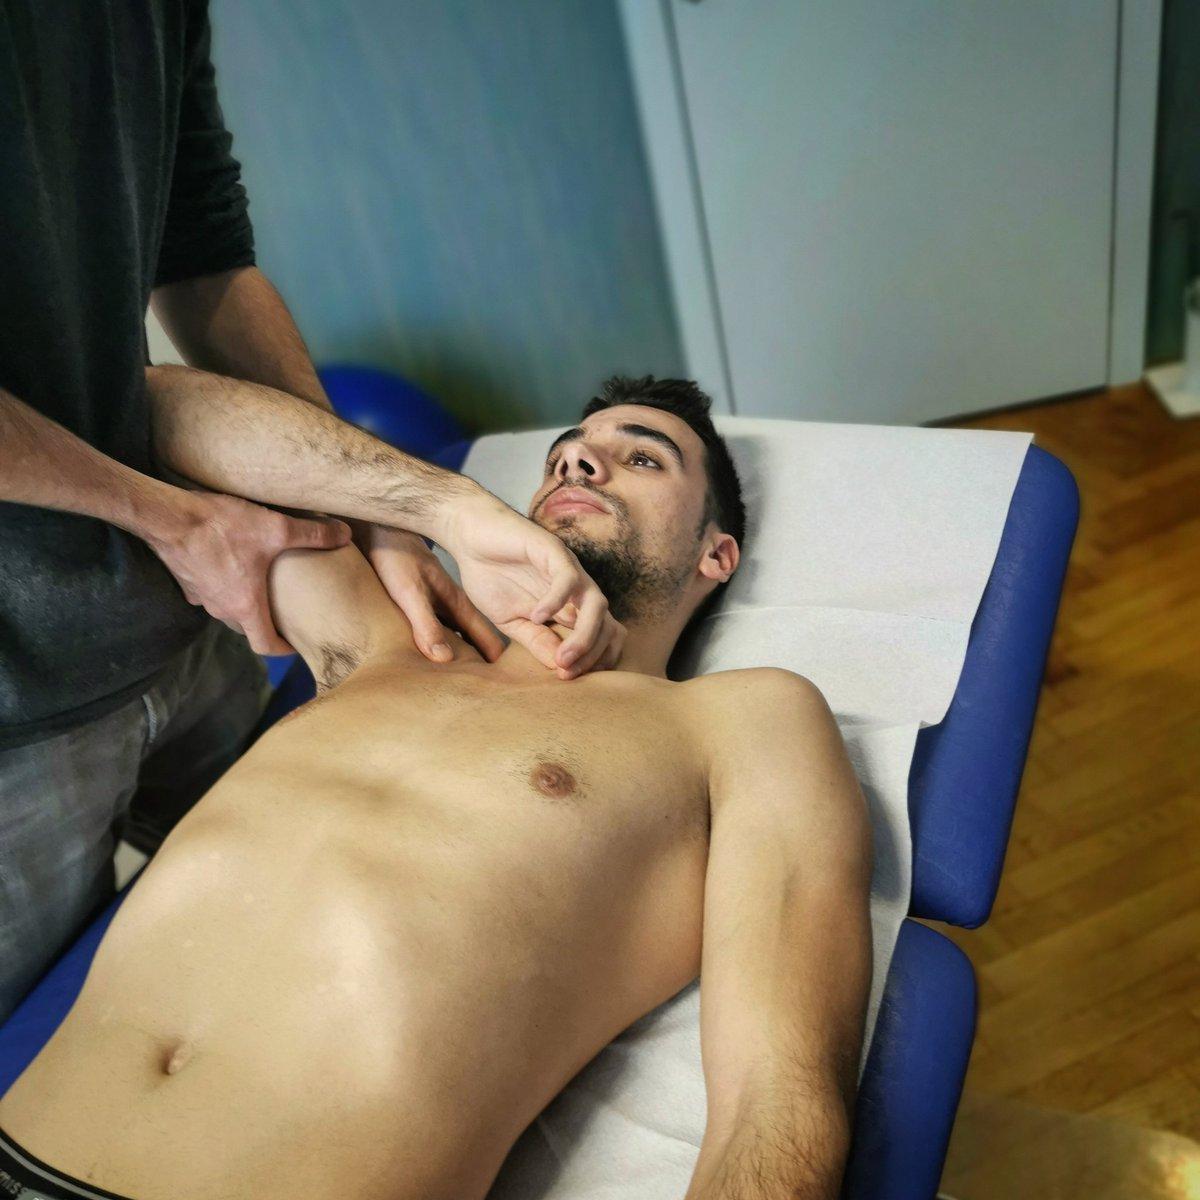 Dias longos de Fisioterapia por aqui em Viena...ansioso por poder voltar a treinar! Abraço Turma💪🏻 #turma88 . . . Long Days of Fisio here in Viena...keen to get back to the gym and get ready! 💪🏻